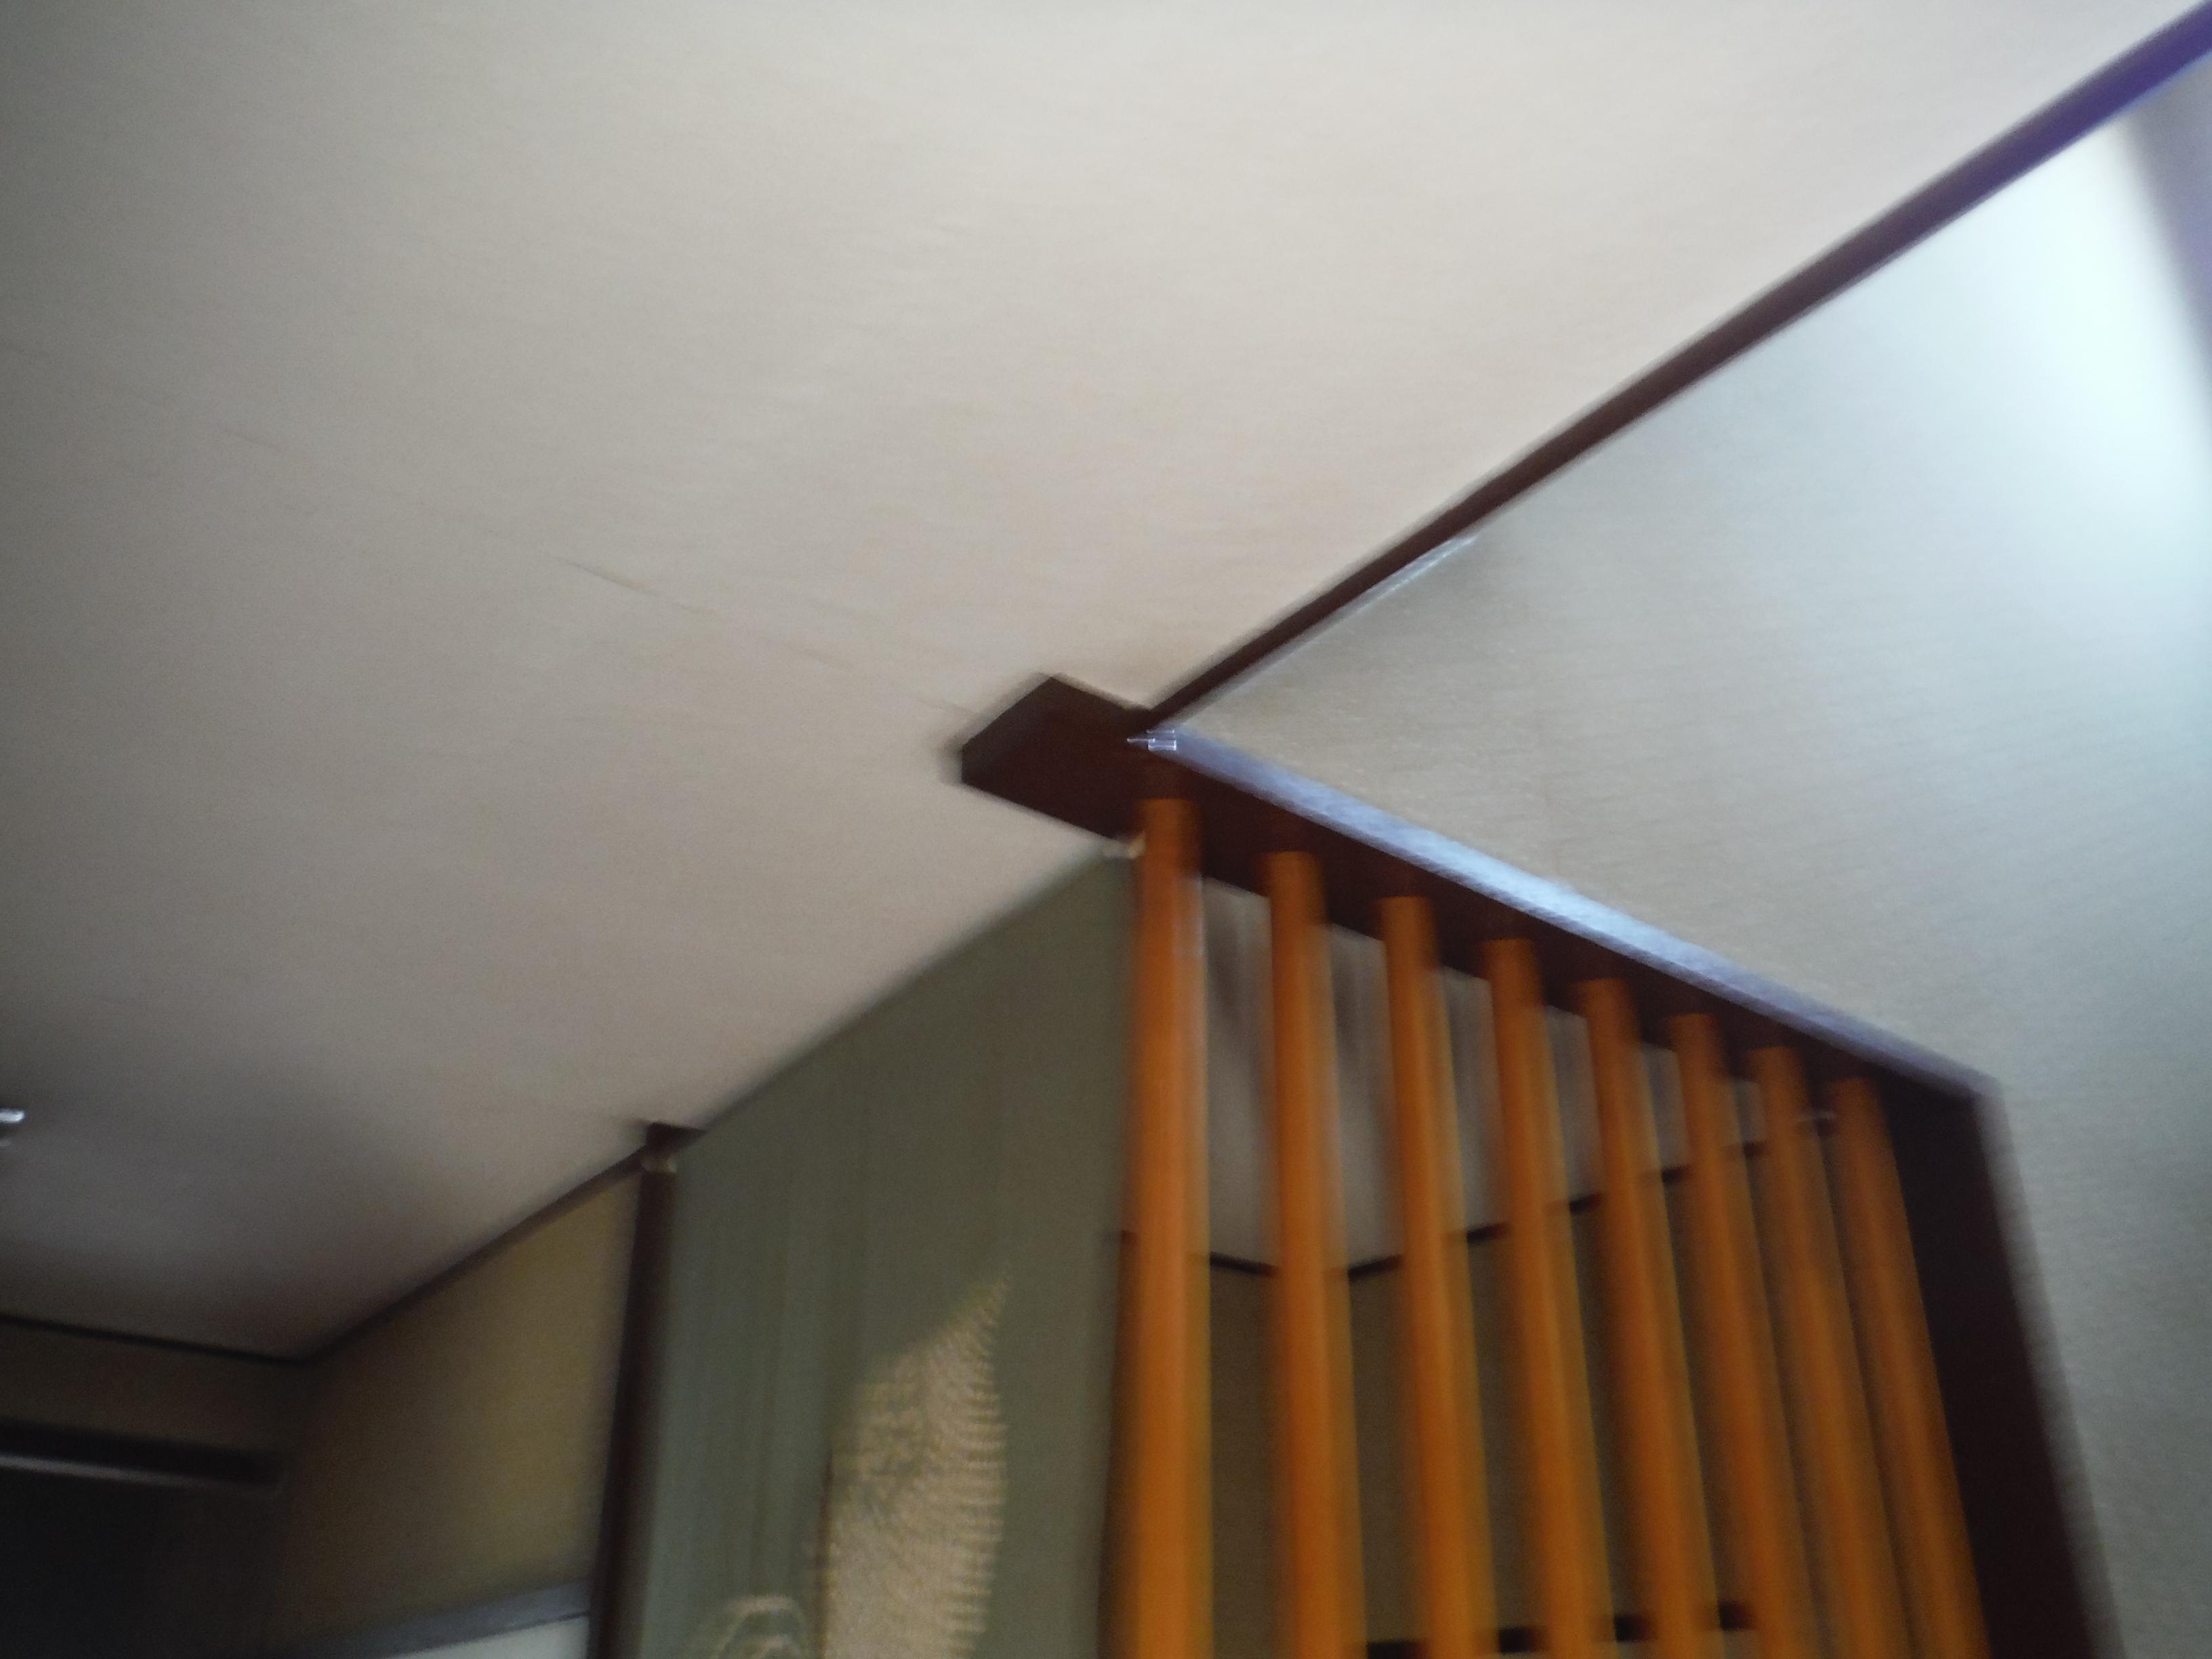 天井から絶え間なく、ポタポタと水が垂れ落ちてきます。雨漏り?外は雨は降っていないけれど・・・